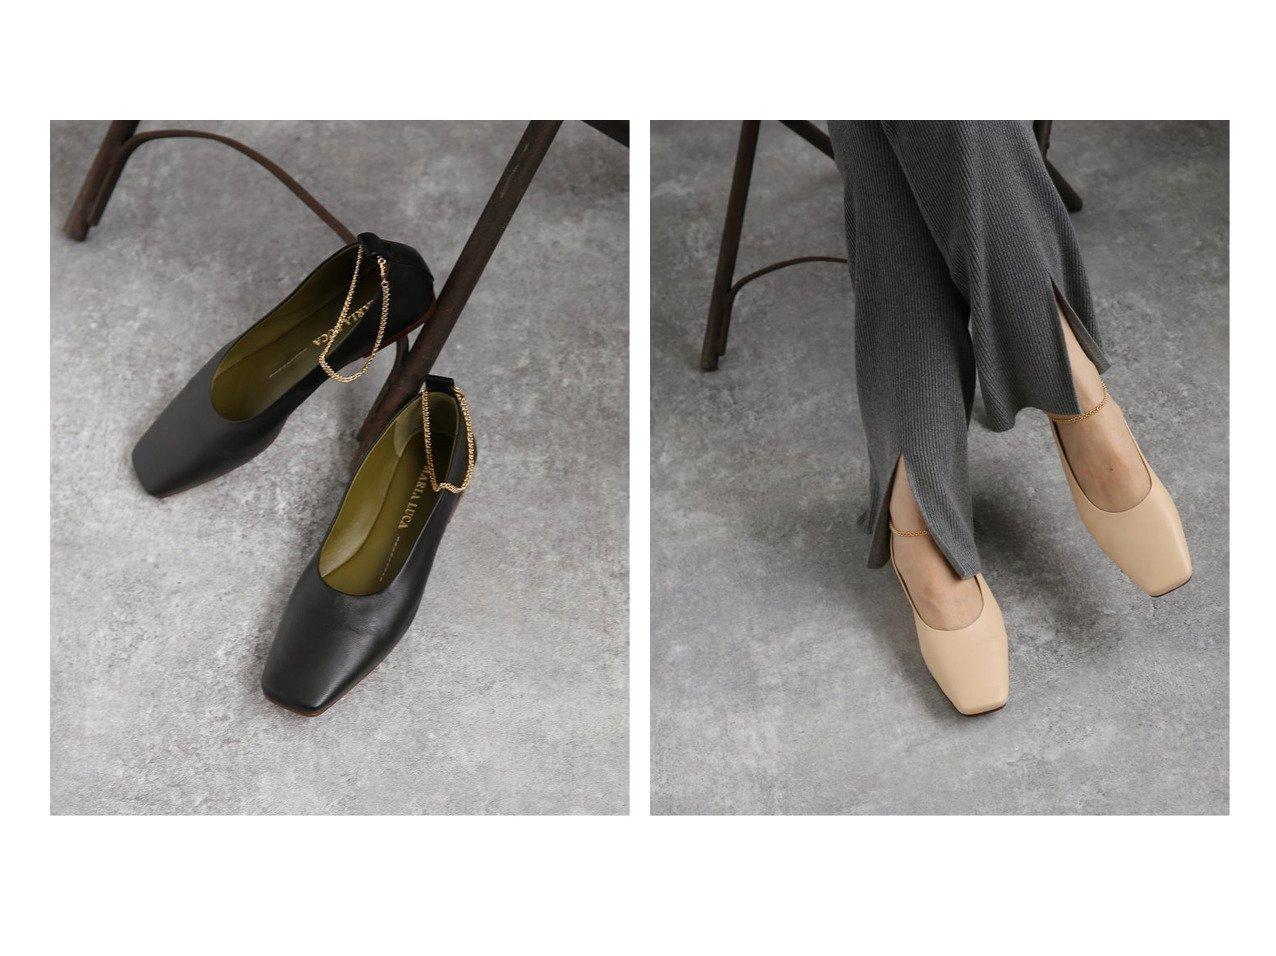 【NOBLE / Spick & Span/ノーブル / スピック&スパン】の【MARIA LUCA】 アンクルチェーンフラットシューズ 【シューズ・靴】おすすめ!人気、トレンド・レディースファッションの通販   おすすめで人気の流行・トレンド、ファッションの通販商品 メンズファッション・キッズファッション・インテリア・家具・レディースファッション・服の通販 founy(ファニー) https://founy.com/ ファッション Fashion レディースファッション WOMEN 2020年 2020 2020-2021秋冬・A/W AW・Autumn/Winter・FW・Fall-Winter/2020-2021 A/W・秋冬 AW・Autumn/Winter・FW・Fall-Winter アンクル イタリア エレガント コレクション シューズ タイツ チェーン フラット ボトム ラグジュアリー |ID:crp329100000026883